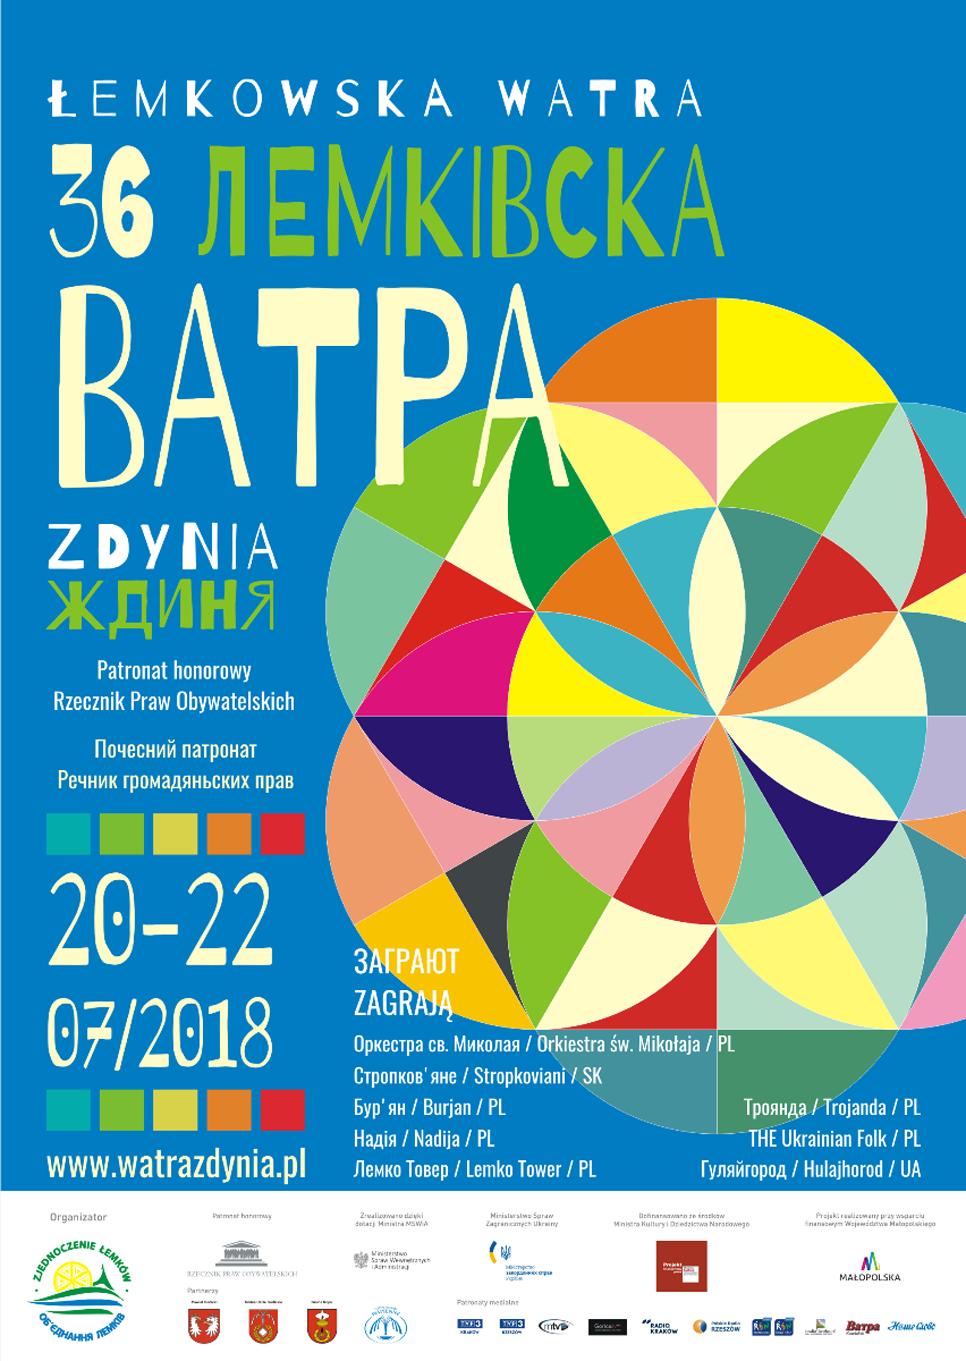 36. Лемківска Bатра в Ждини / 36. Łemkowska Watra z Zdyni